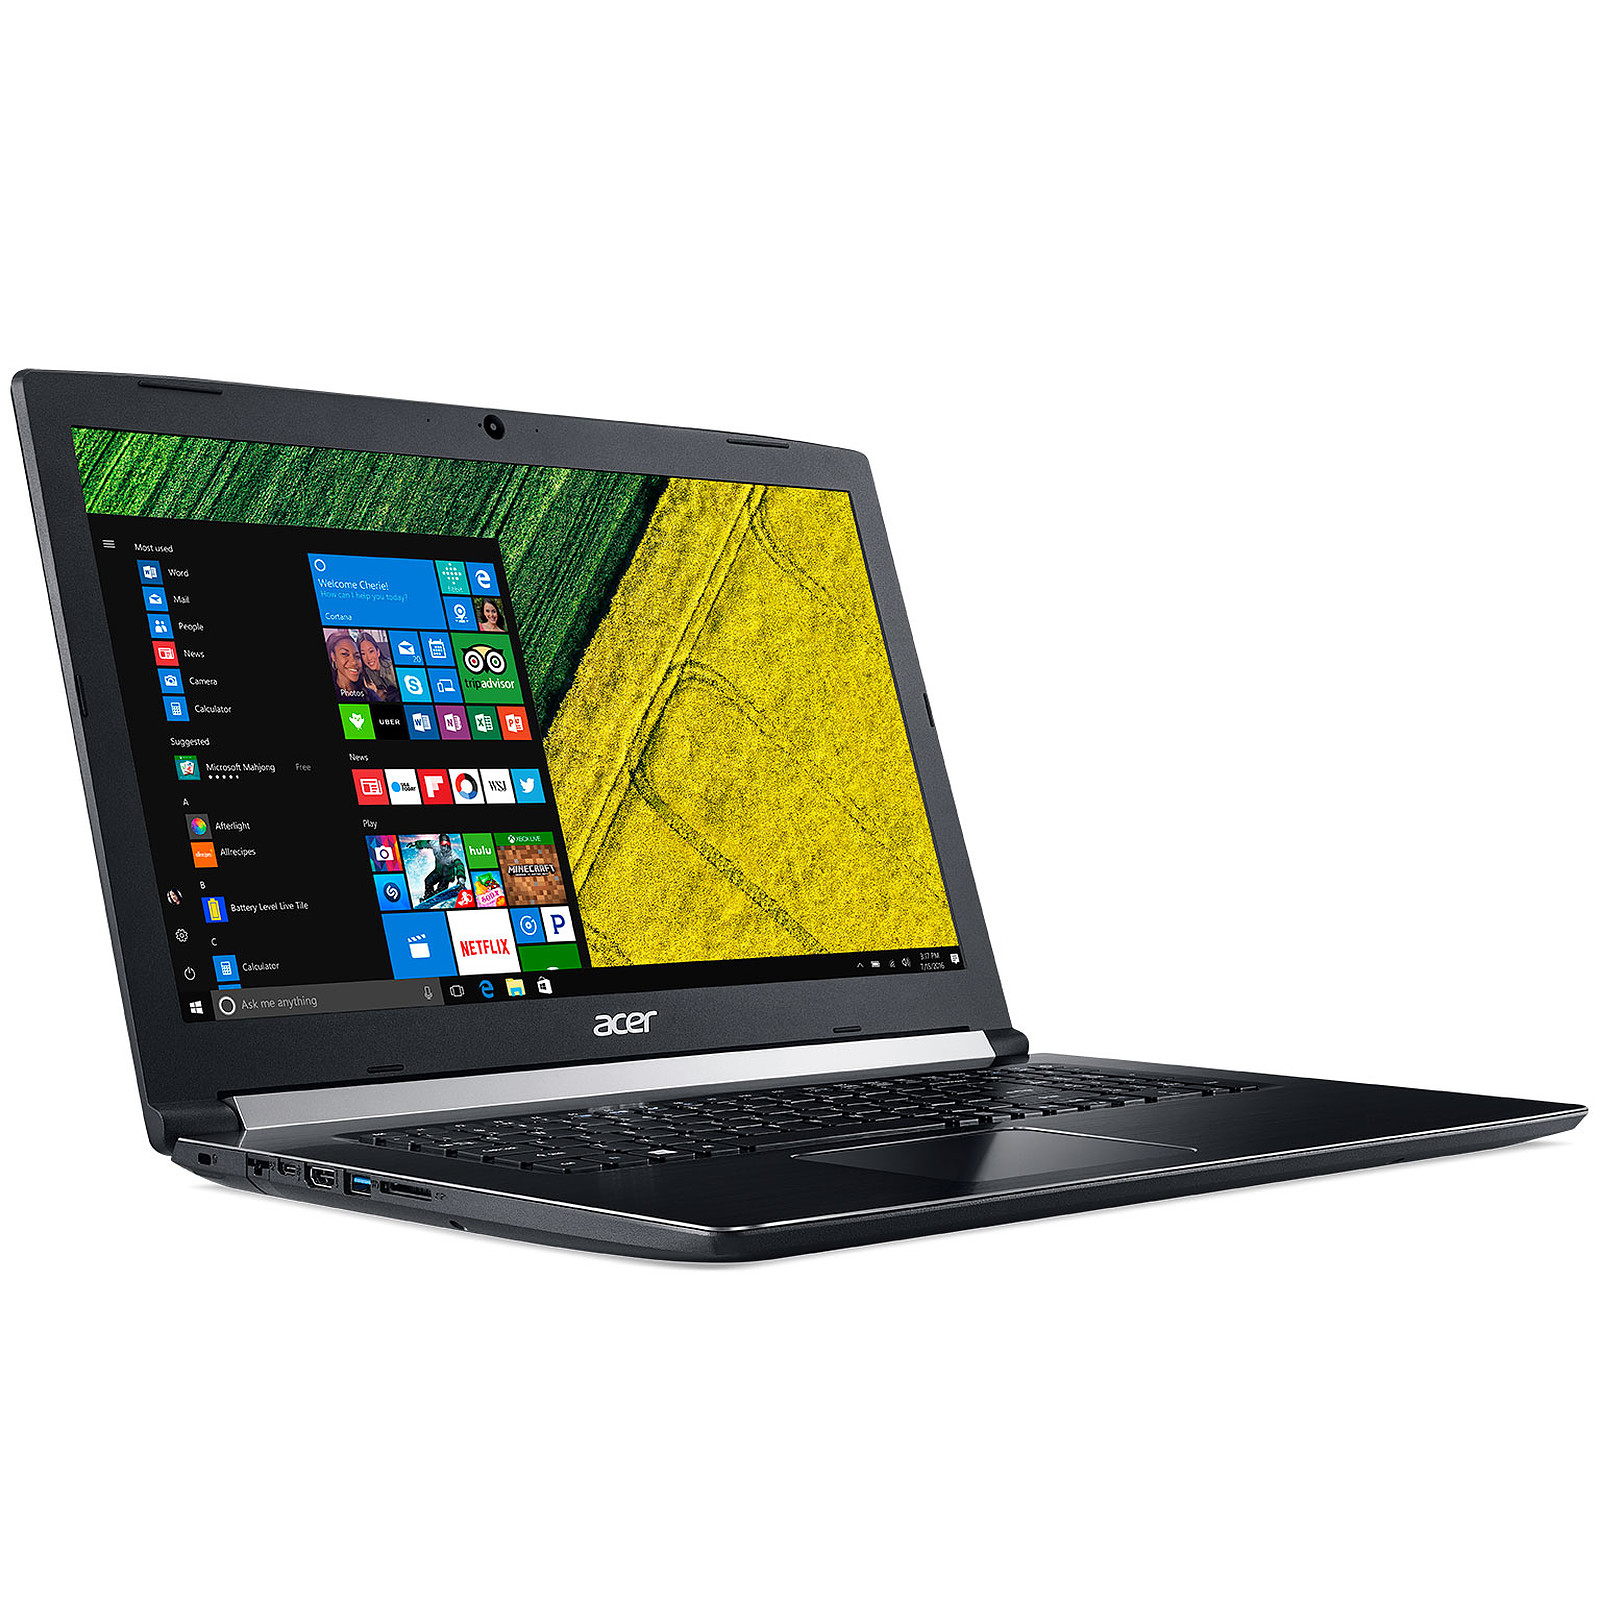 Acer Aspire 5 A517-51G-86KE